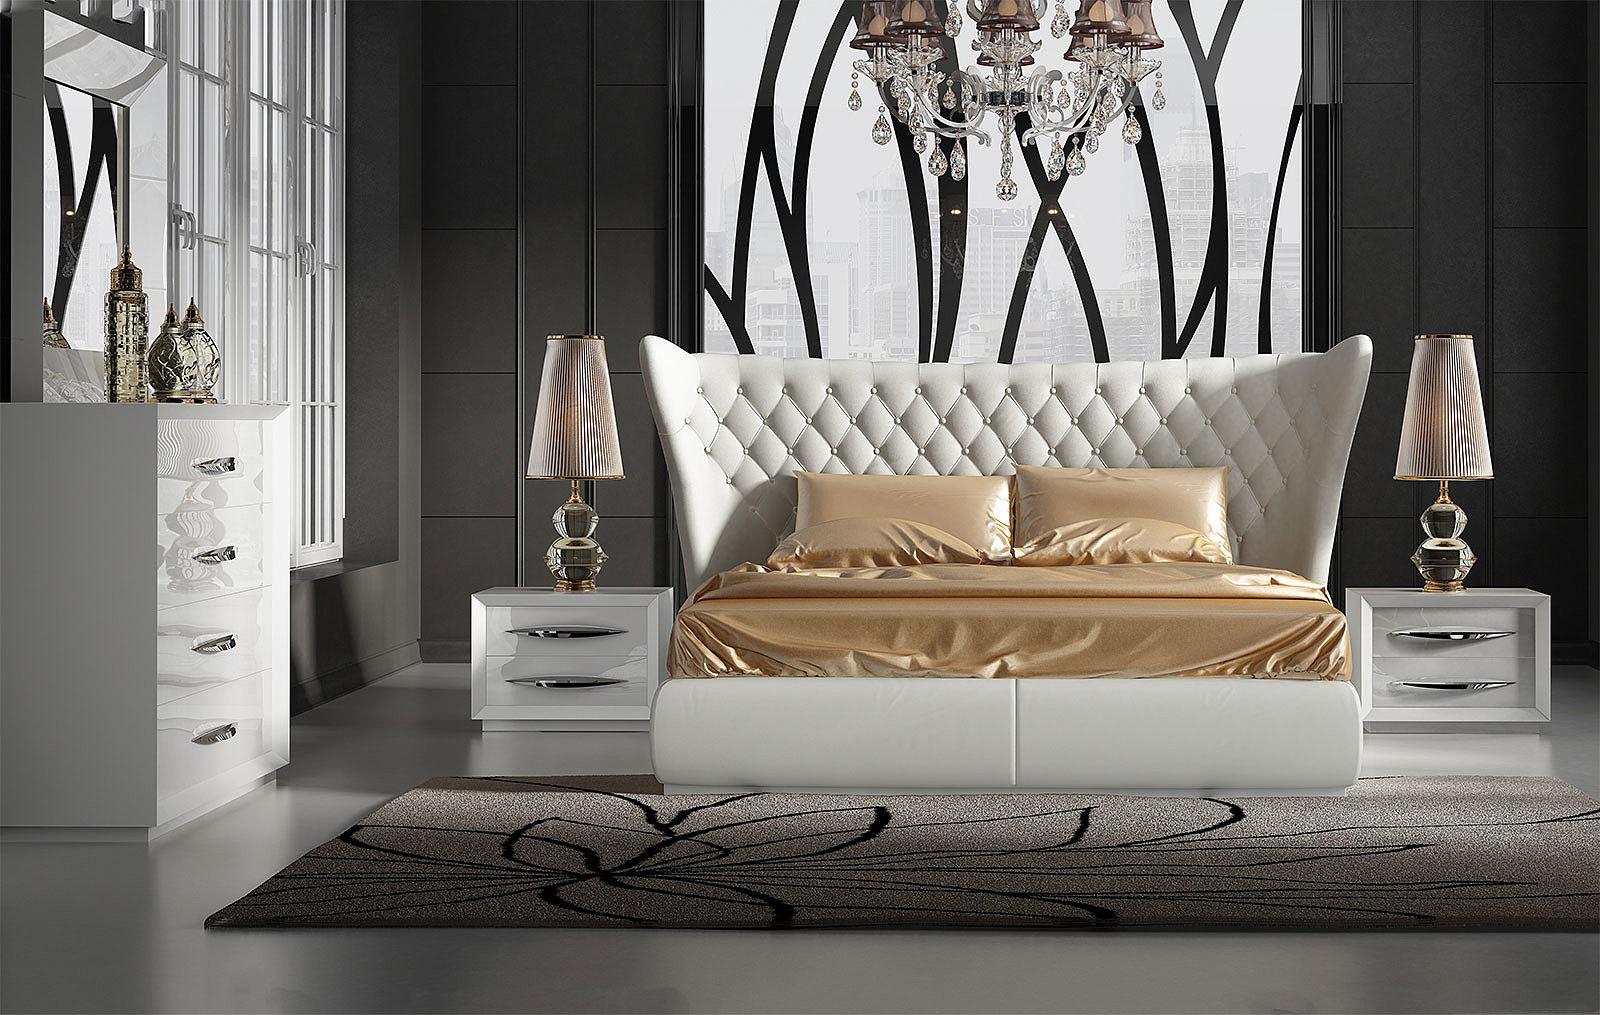 Кровать FRANCO MIAMI белая, тумбочки FRANCO 1016 белая, Комод горизонтальный FRANCO 1017 белый